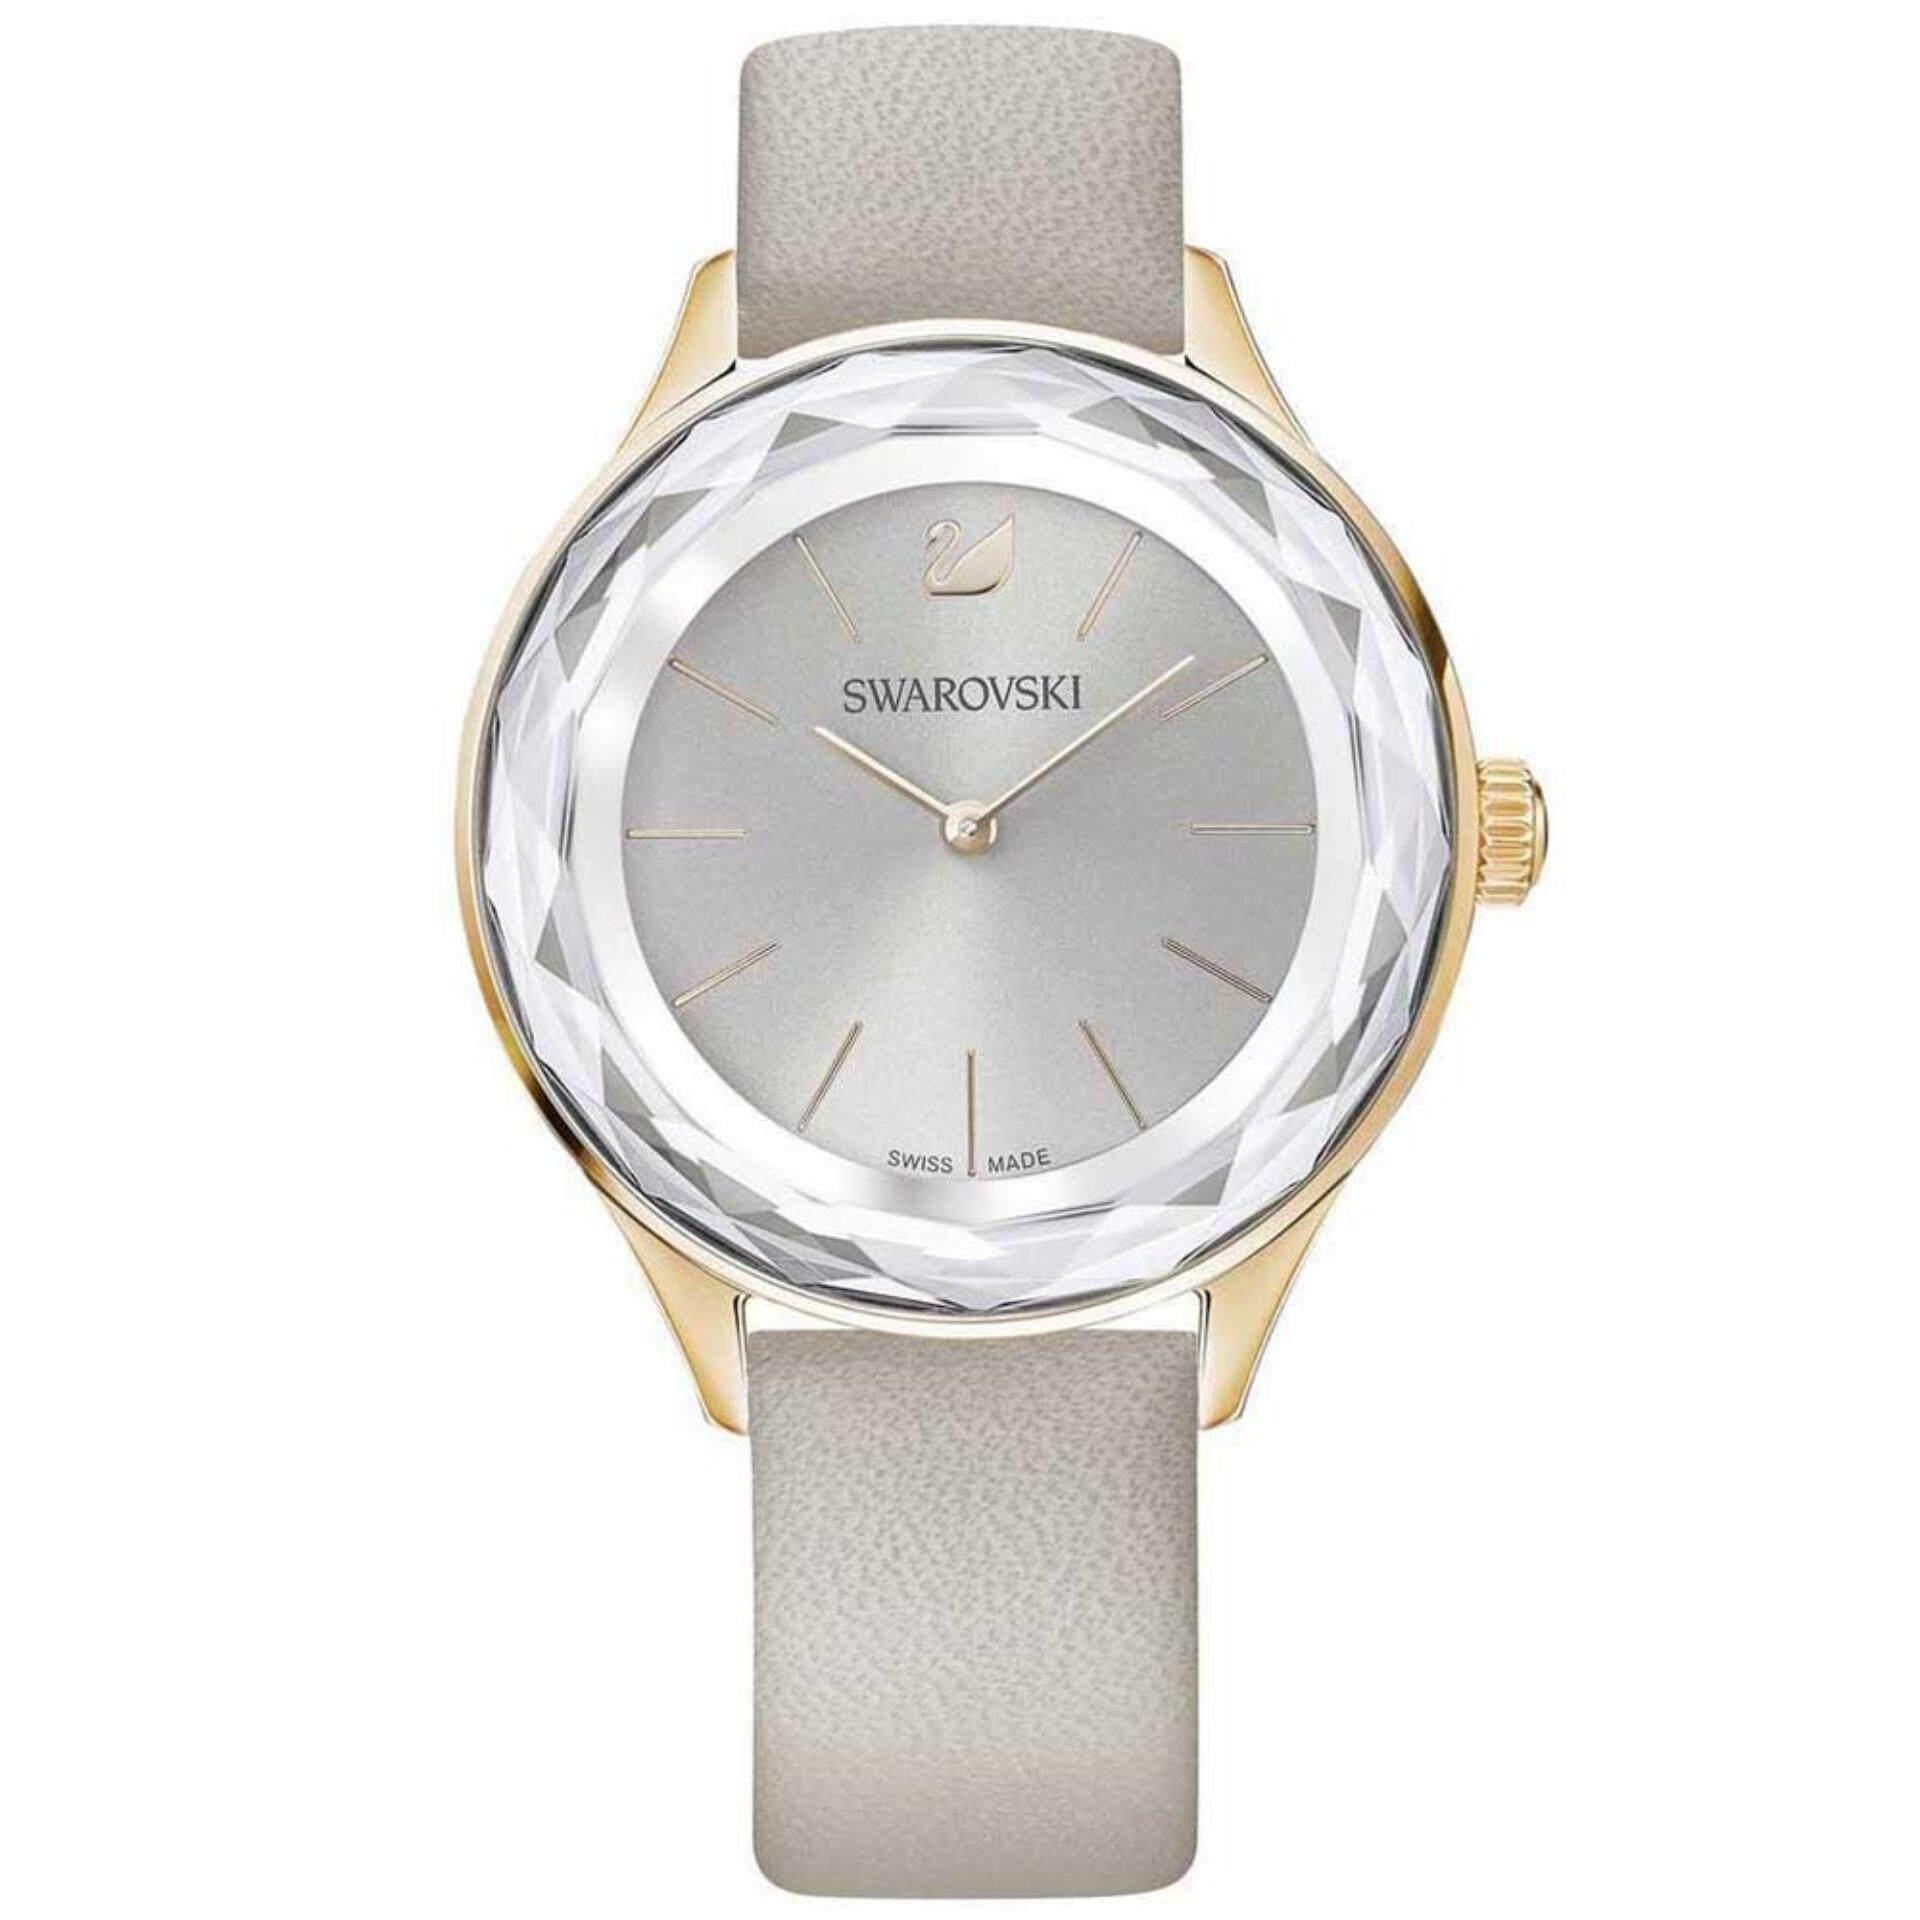 576d38d44 Swarovski Women's Octea Nova Rose Gold Tone Grey Leather Watch 5295326